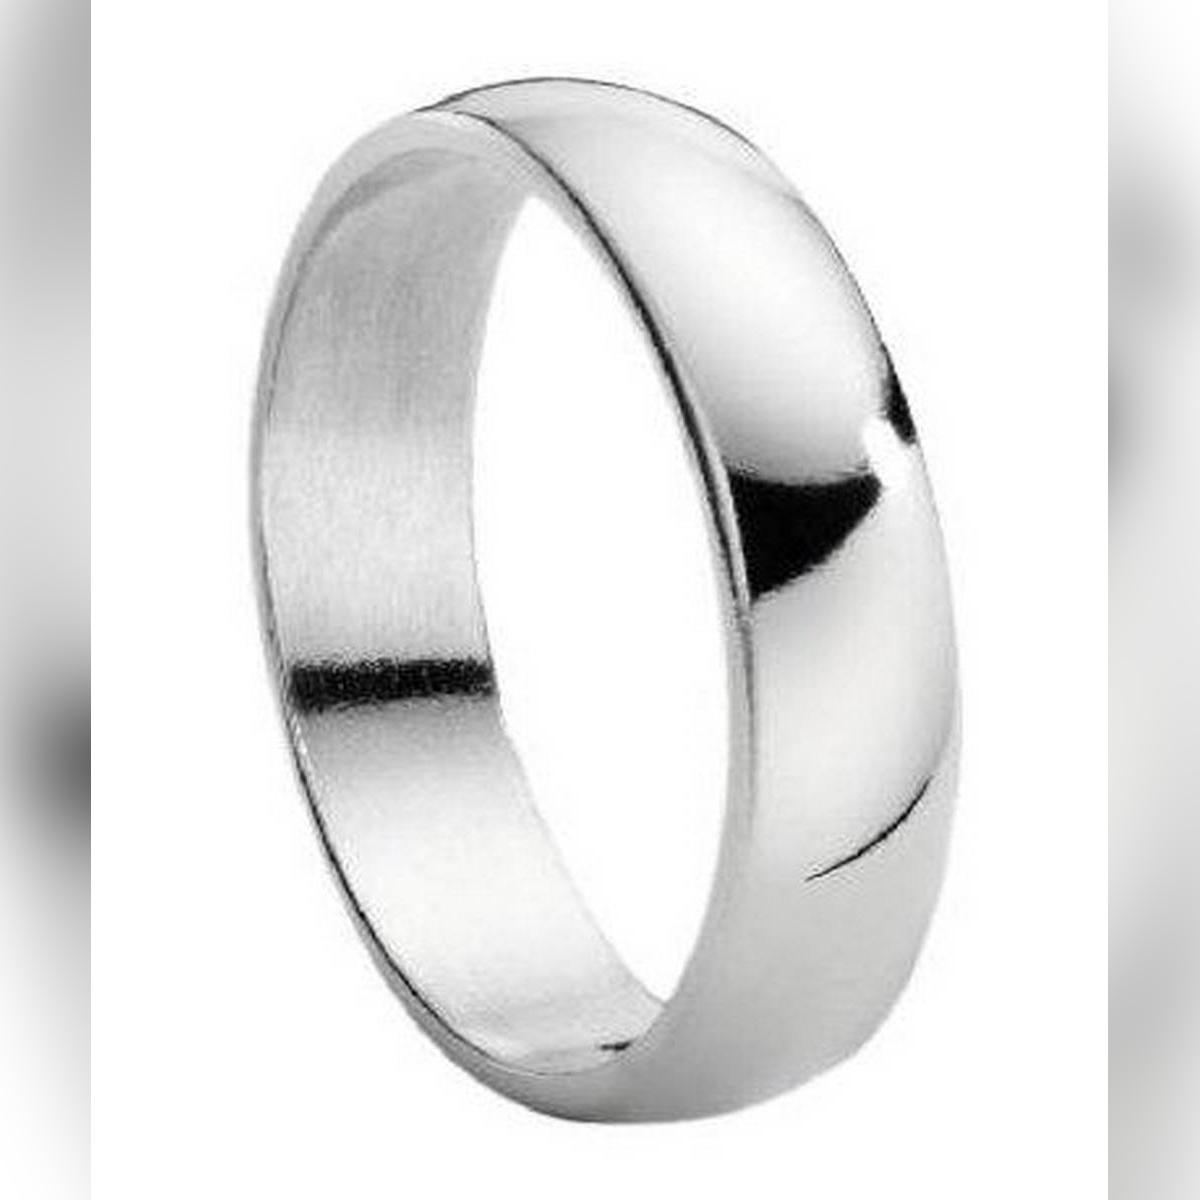 Silver Steel Ring for Men & Women